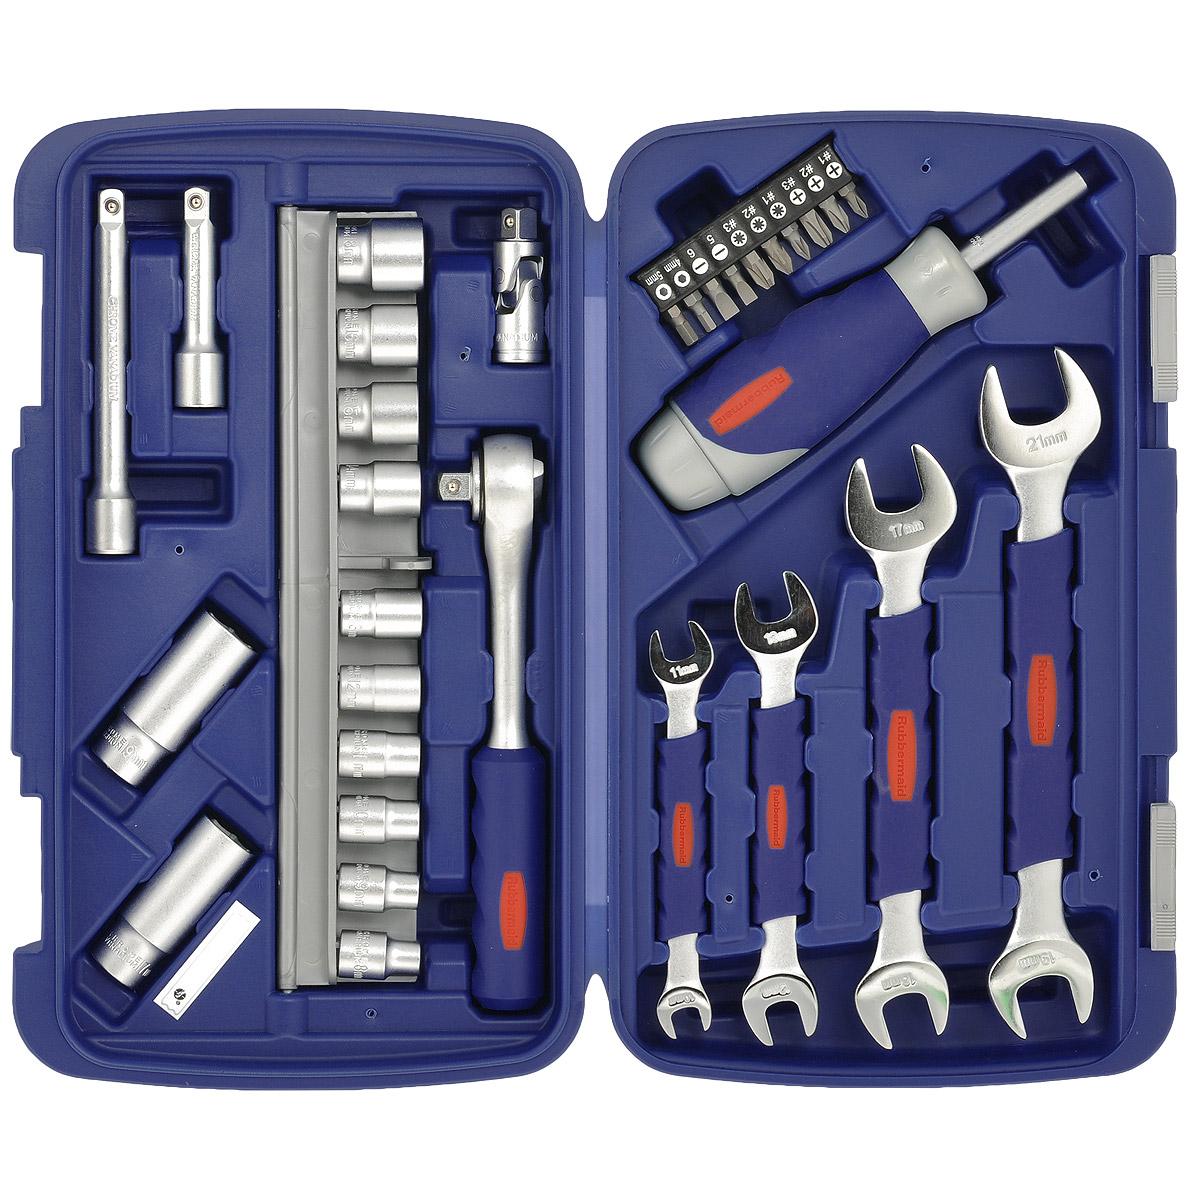 Набор инструментов RUBBERMAID, 31 предмет10504617Набор головок с трещоткой RUBBERMAID предназначен для монтажа и демонтажа резьбовых соединений. Набор подойдет как профессиональному механику, так и простому автолюбителю. Он поможет справиться с практически любым крепежом. Это необходимый предмет станет незаменимым в вашем хозяйстве.В состав набора входит:головки торцевые: 8 мм, 9 мм, 10 мм, 11 мм, 12 мм, 13 мм, 14 мм, 15 мм, 16 мм, 17 мм, 18 см, 19 мм;трещотка;удлинитель: 76 мм, 127 мм;ключи рожковые: 10 мм х 11 мм, 12 мм х 13 мм, 16 мм х 17 мм, 19 мм х 21 мм;вороток отвертка;биты крестовые: PZ1, PZ2, PZ3, PH1, PH2, PH3;биты плоские: 5 мм, 6 мм;биты шестигранные: 4 мм, 5 мм;кейс.